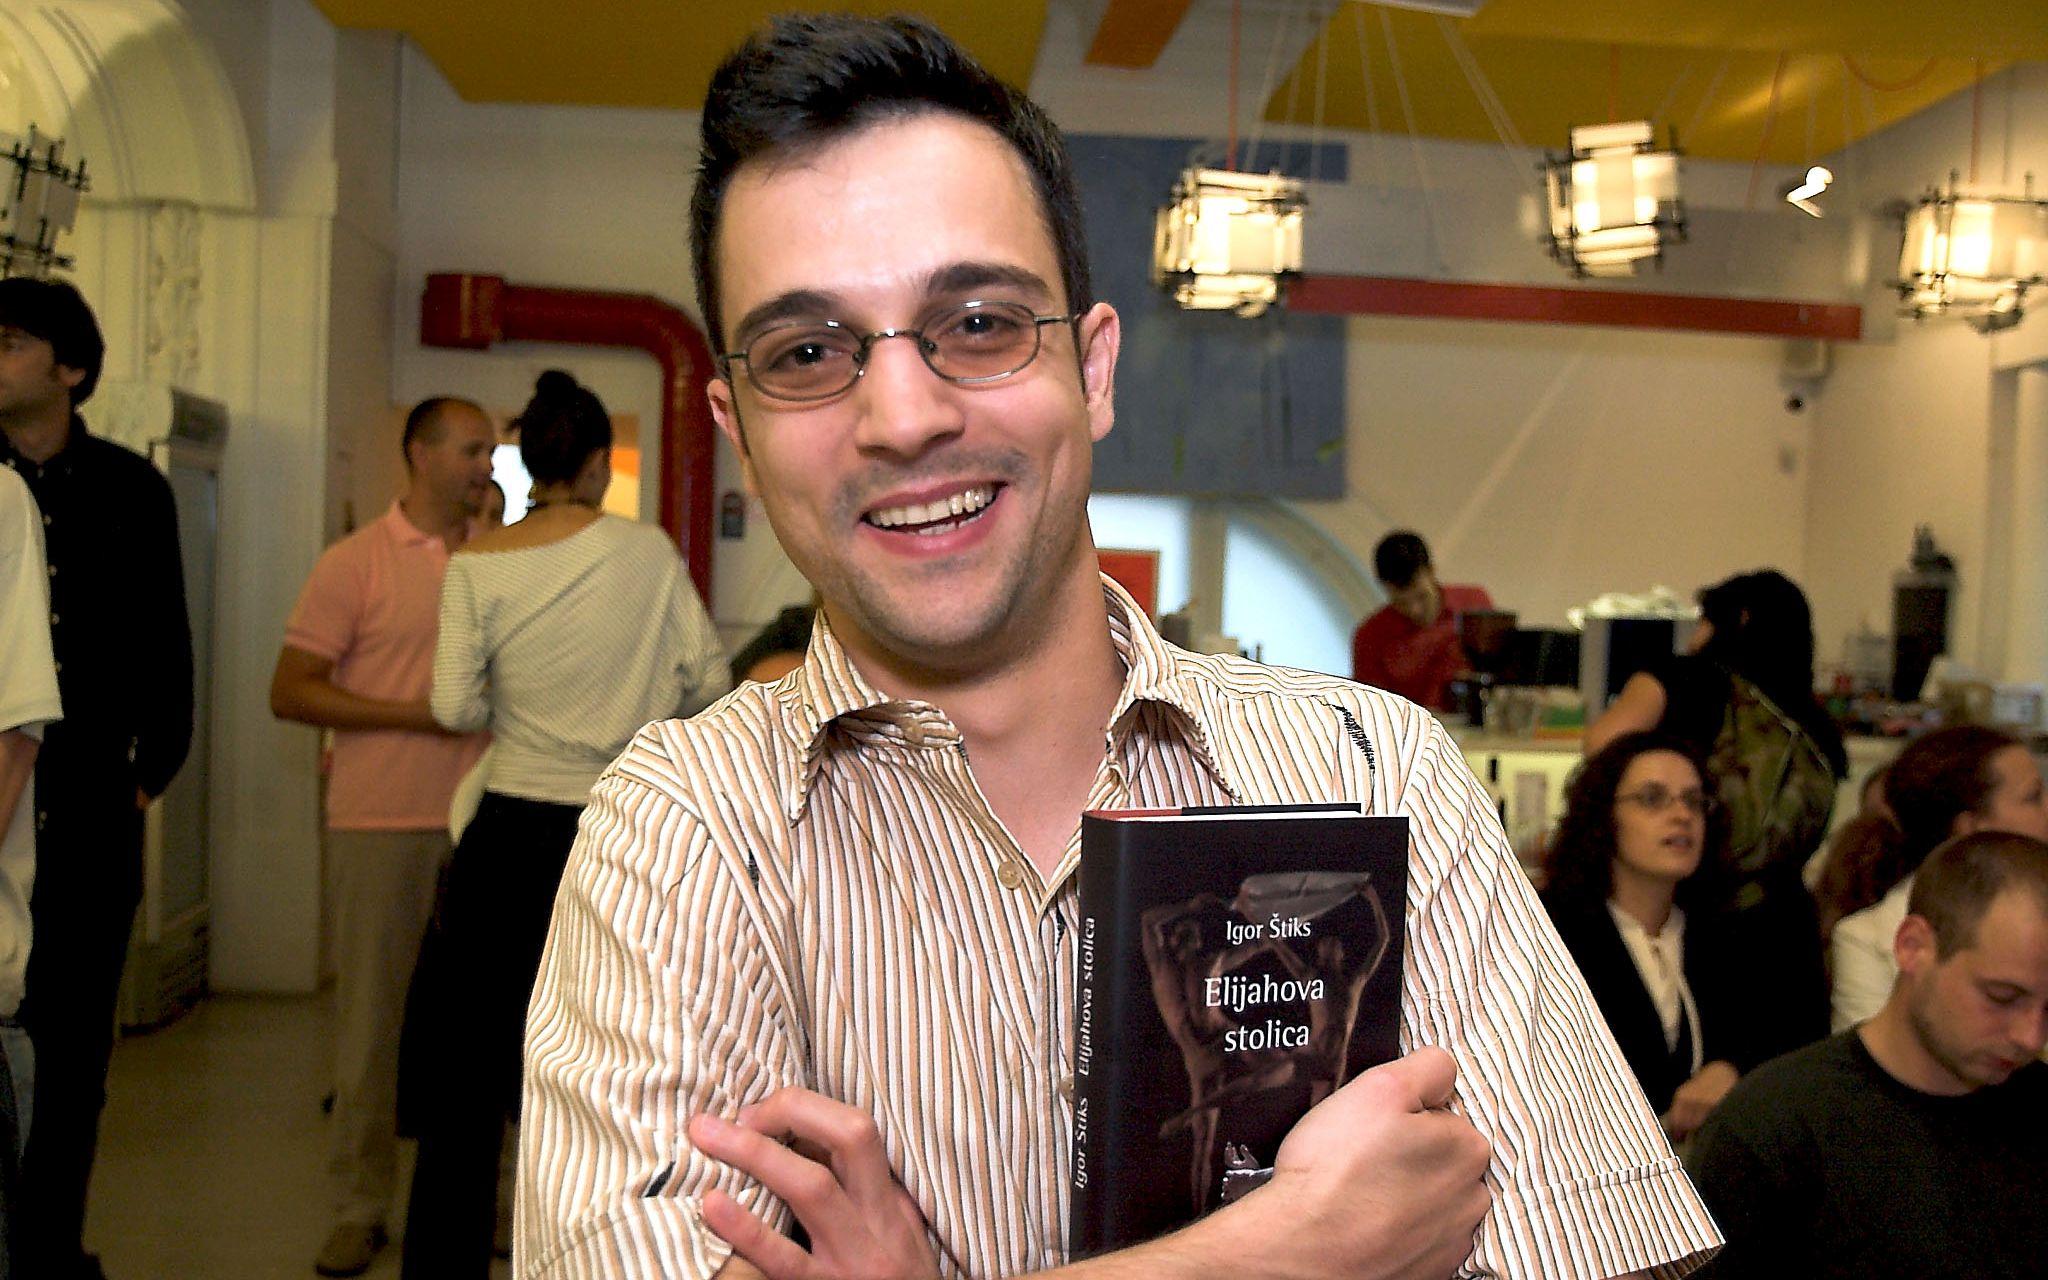 'Elijahova stolica' Igora Štiksa najtraženiji povijesni roman Kindle storea